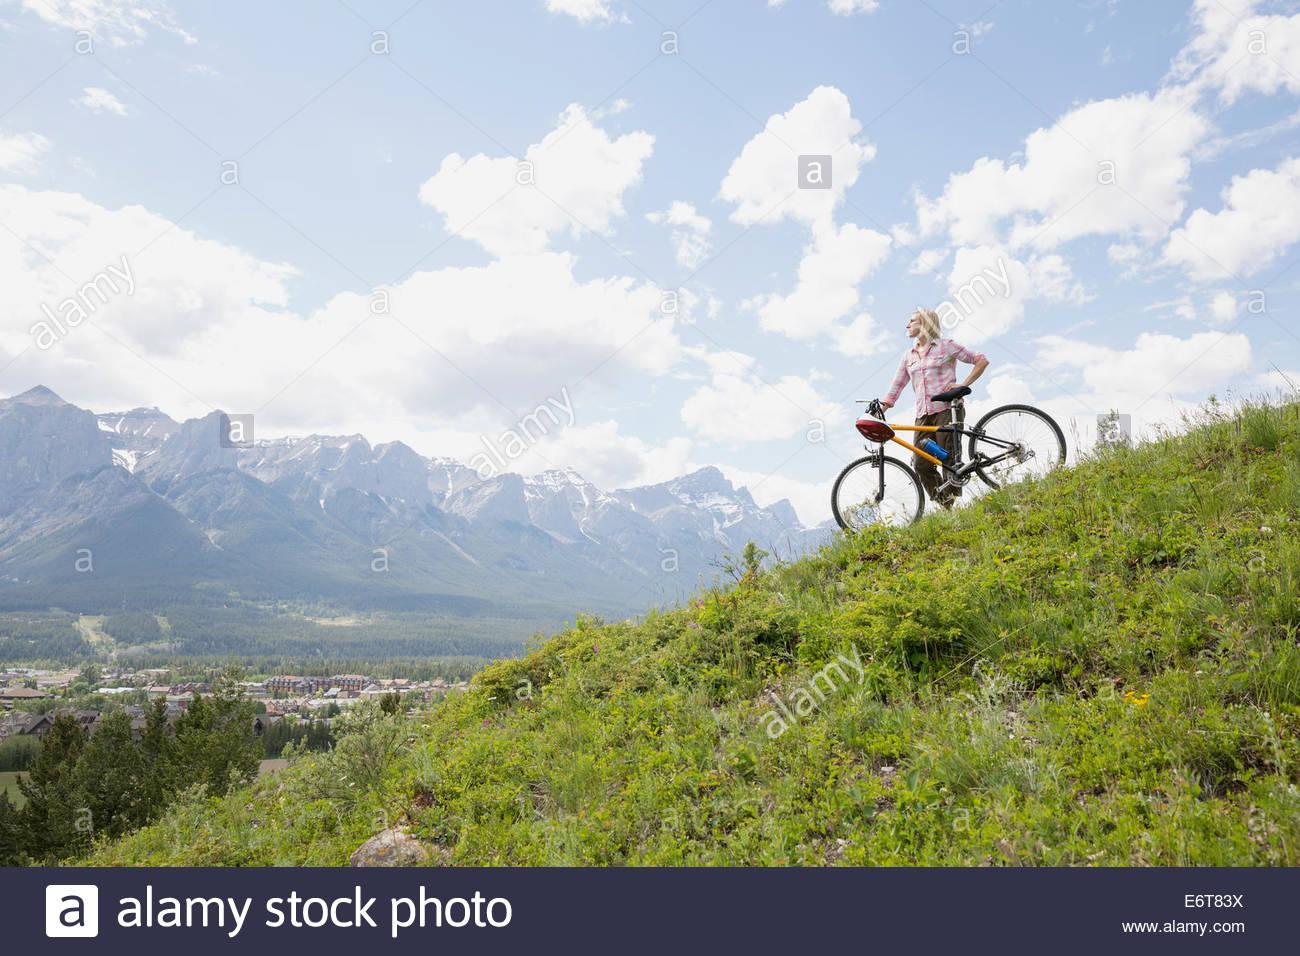 Mujer de pie con bicicleta de montaña en la ladera Imagen De Stock